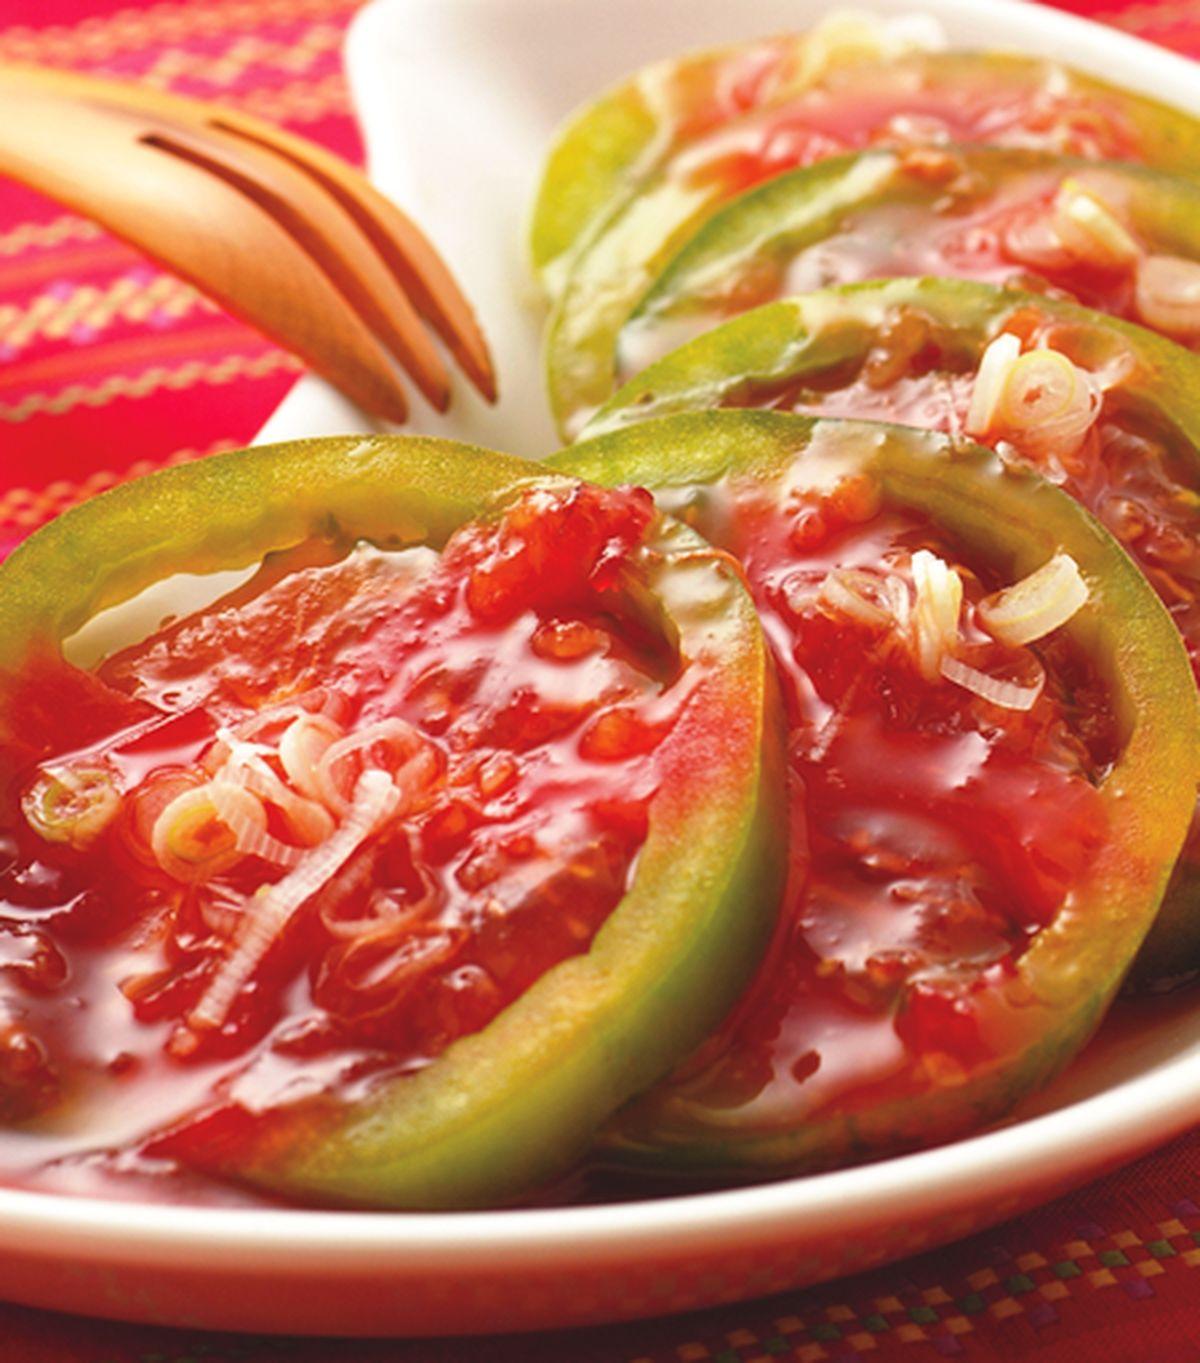 食譜:泰式涼拌蕃茄